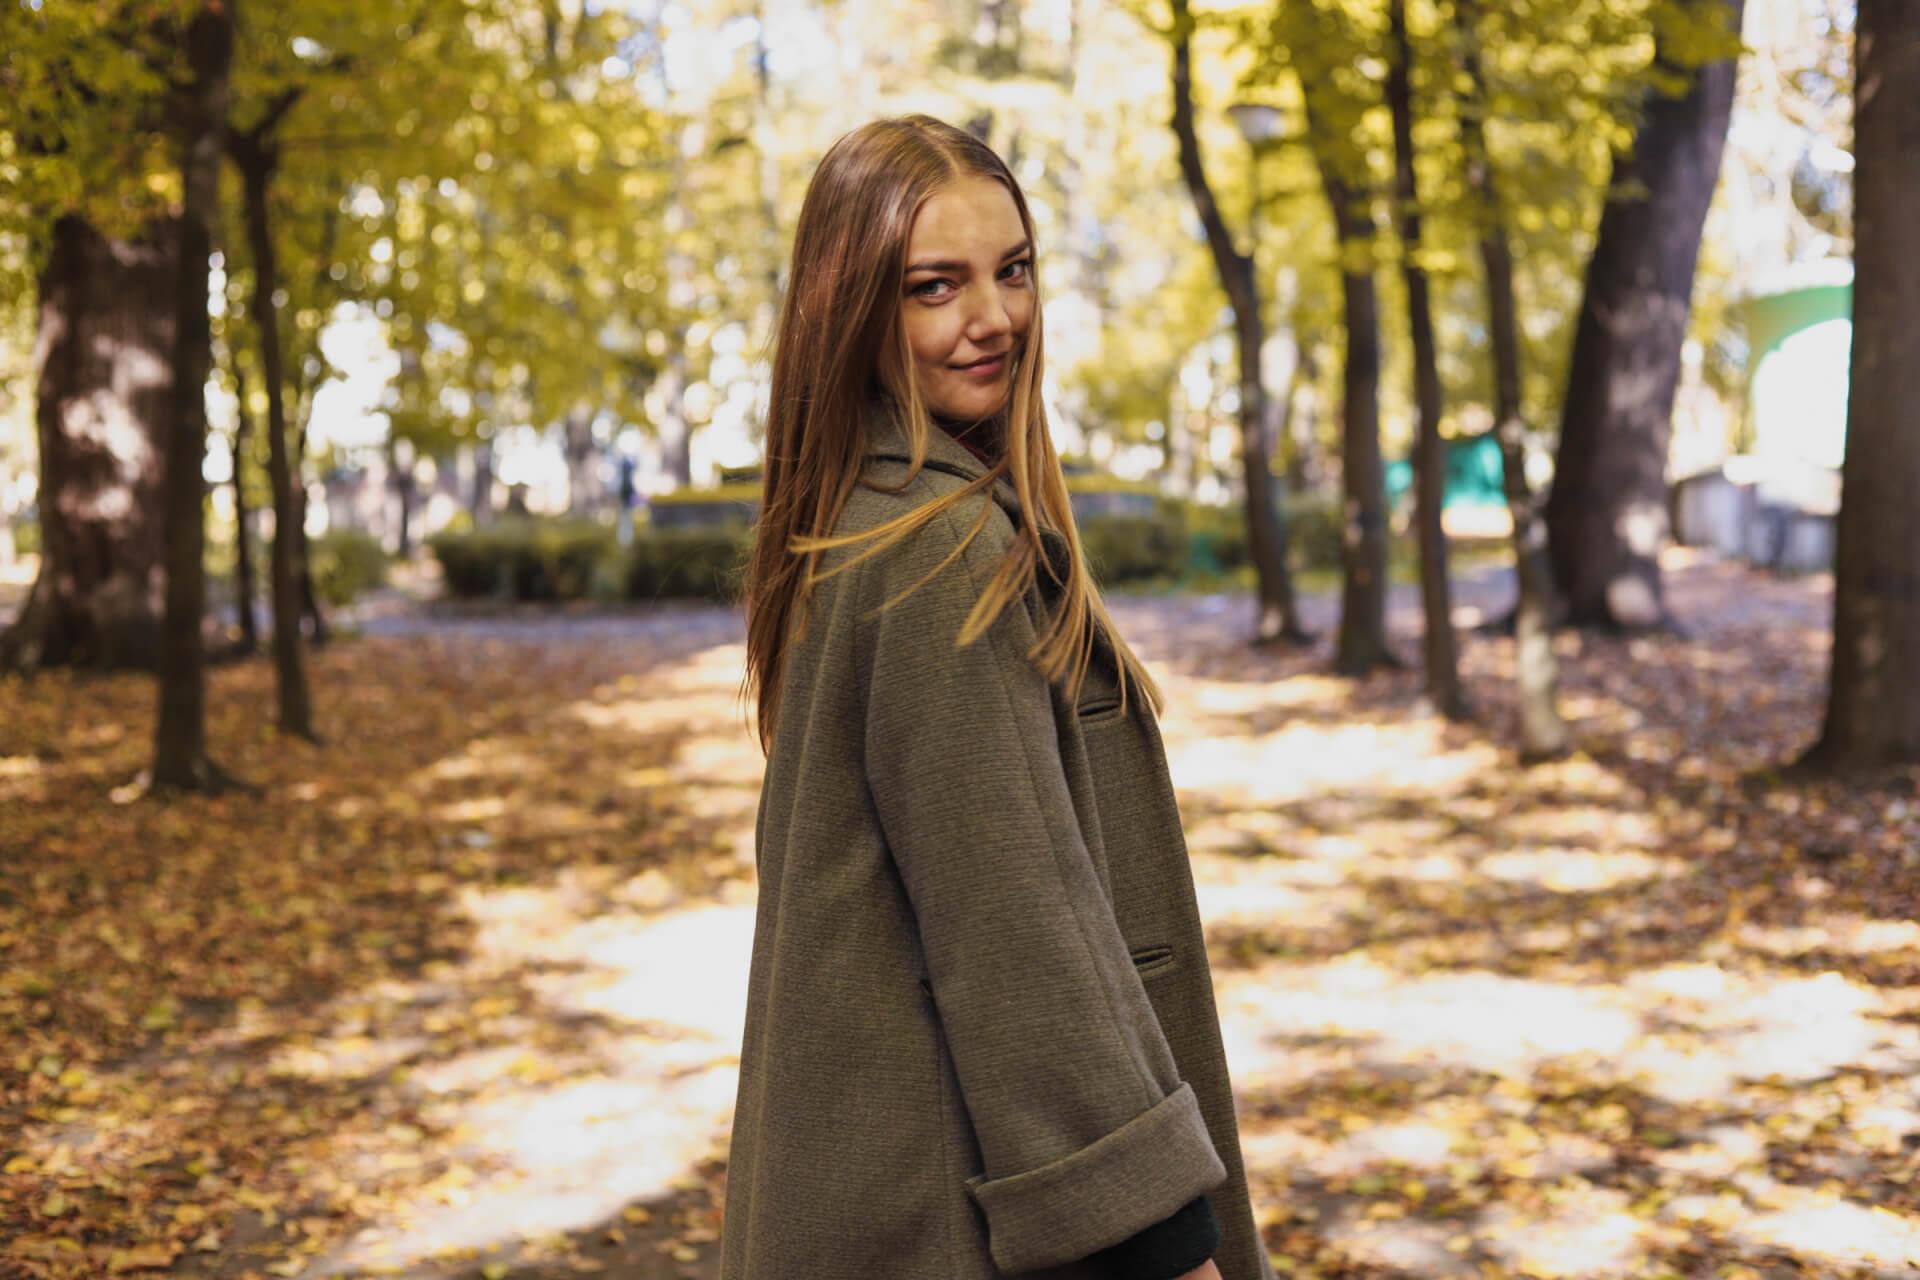 Мій шрам — моя історія: Анастасія Шеремета про сколіоз, який змінив її життя